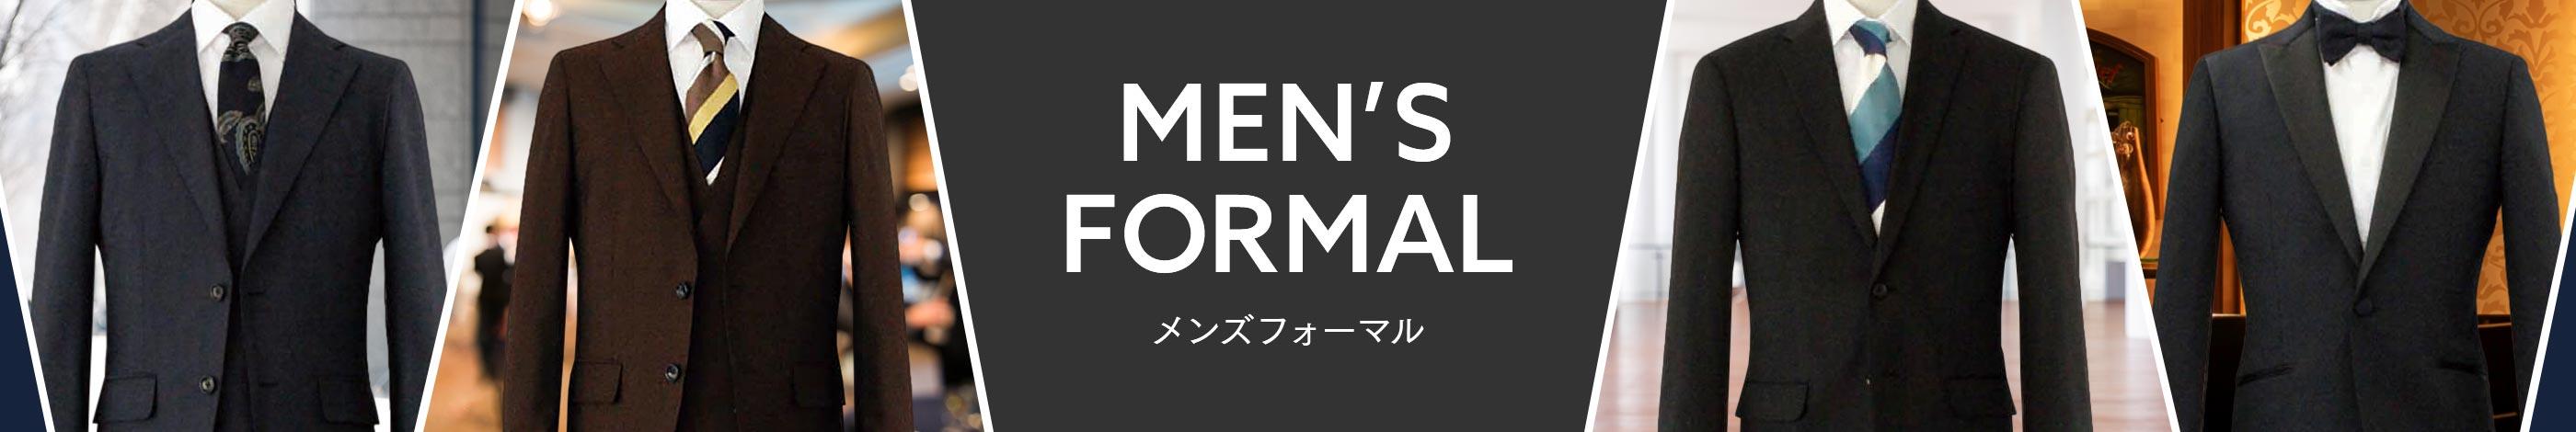 MEN'S FORMAL メンズフォーマル